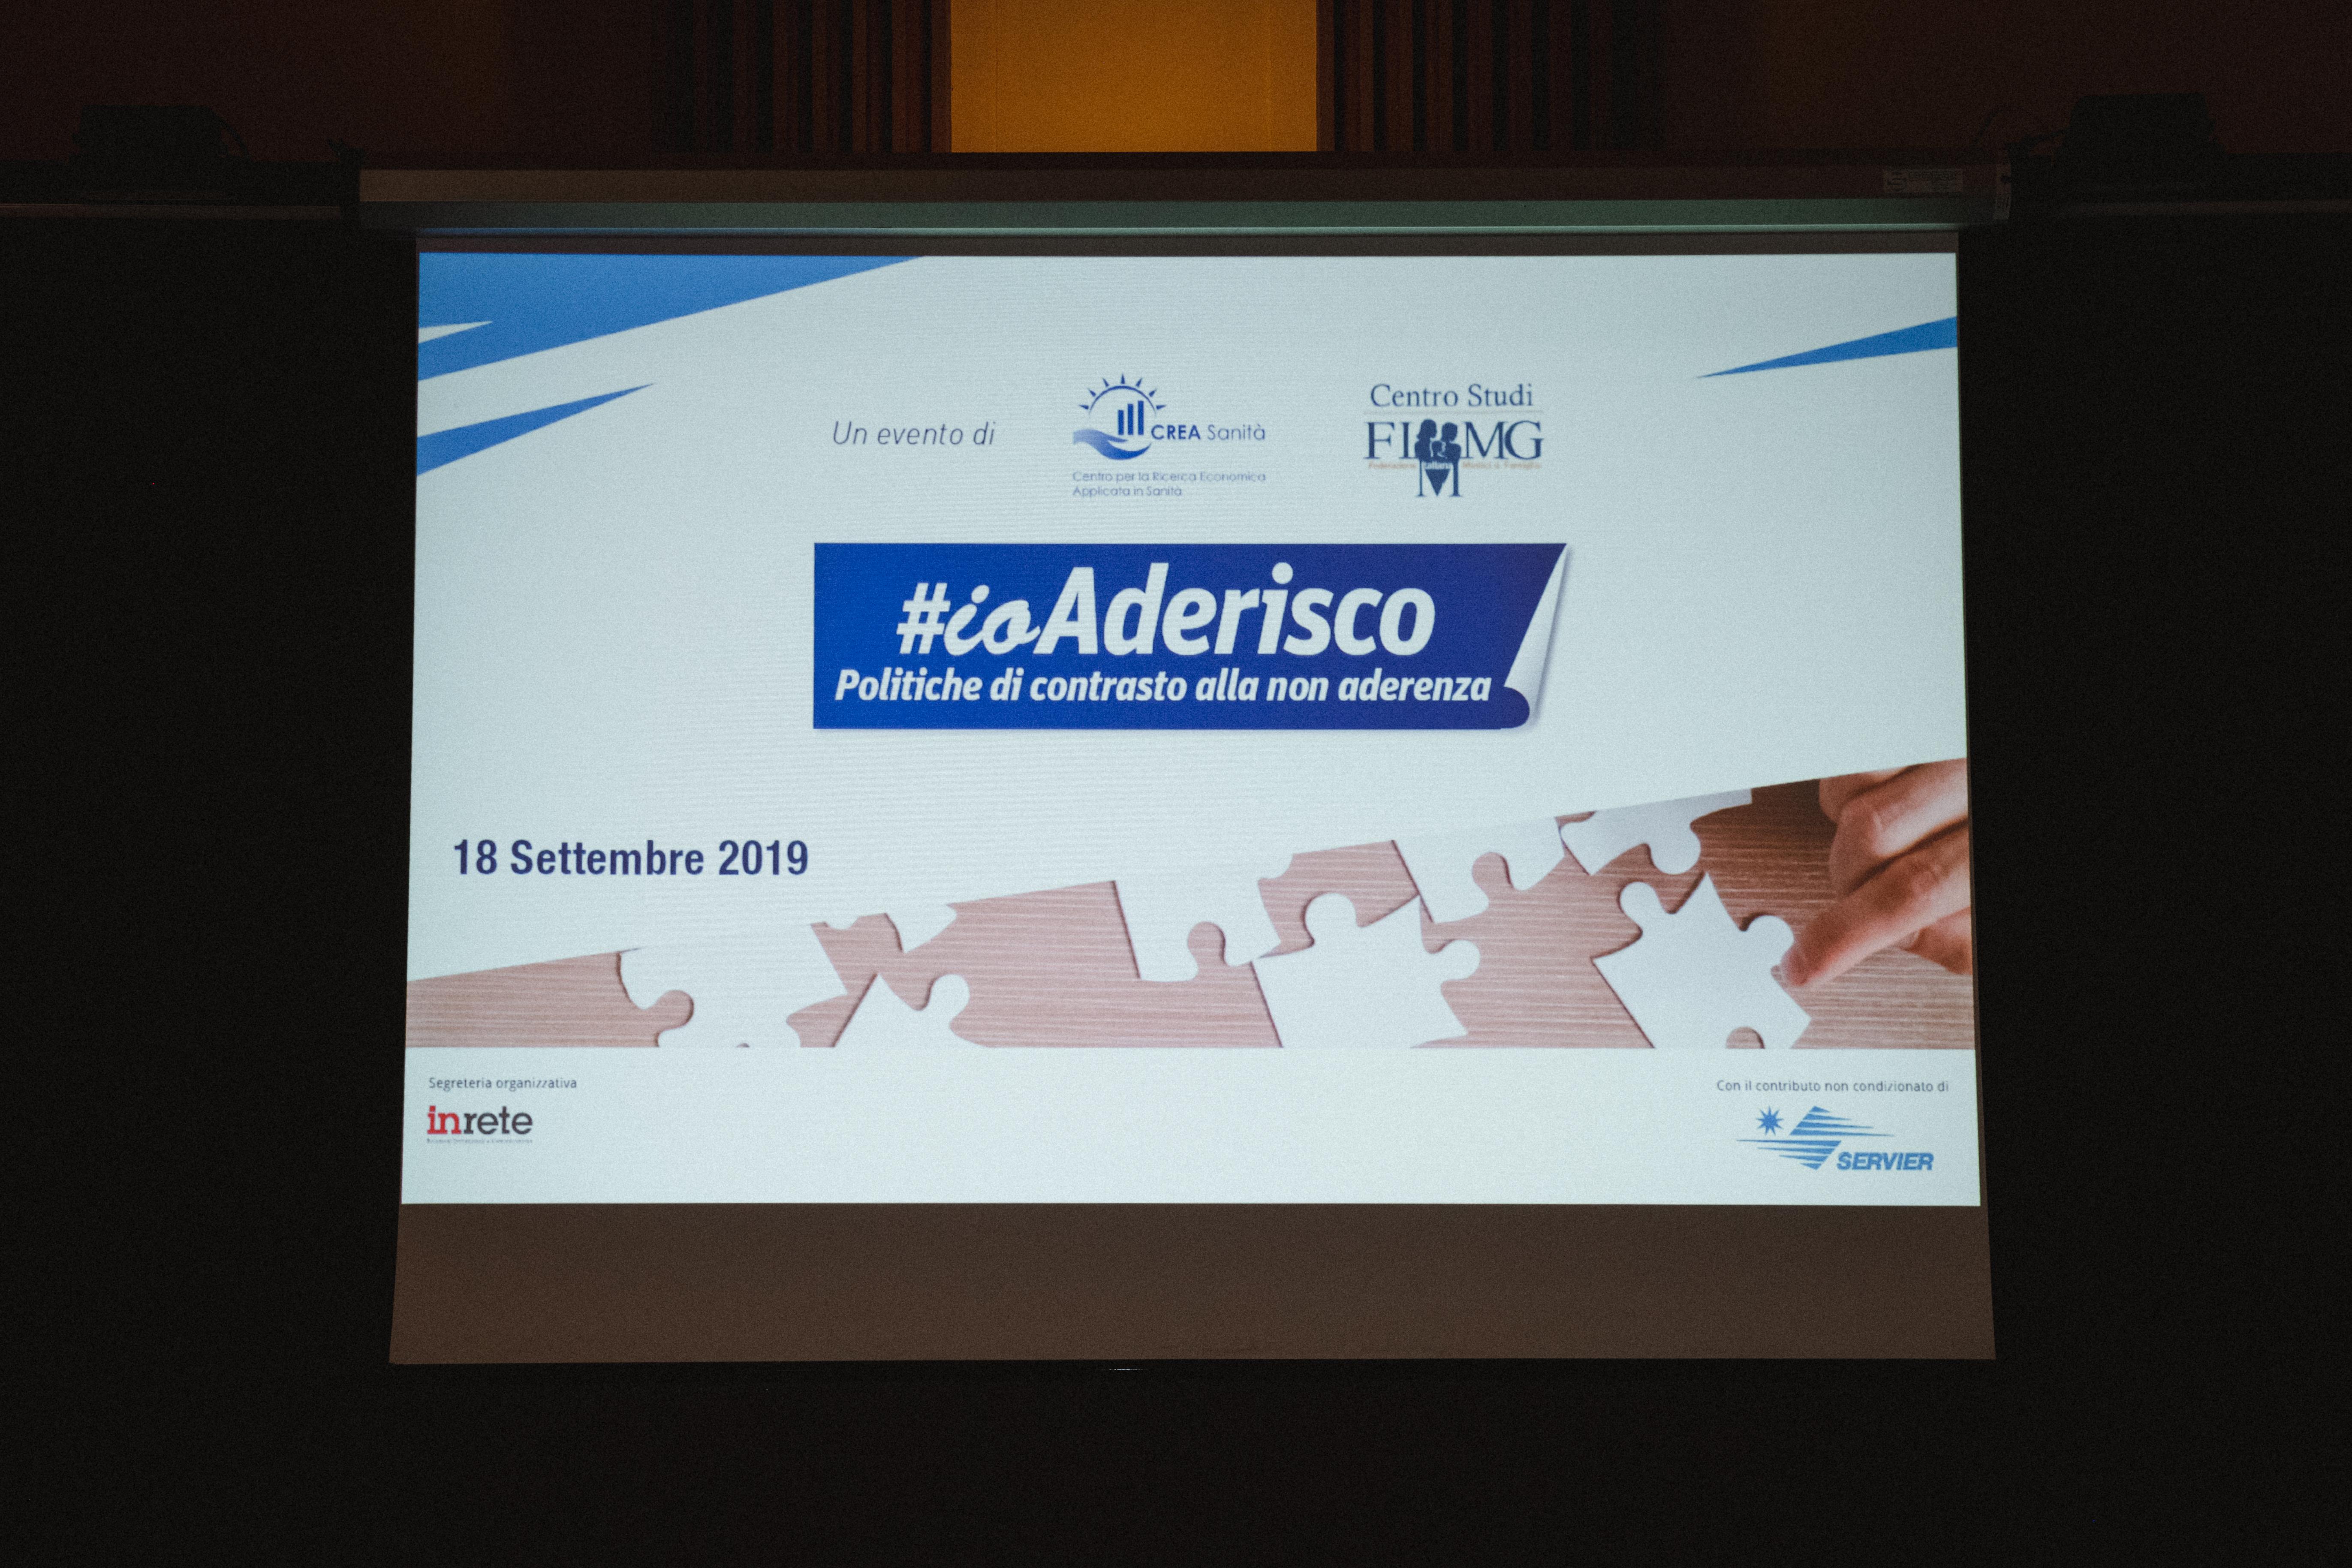 IoAderisco_Servier_Inrete